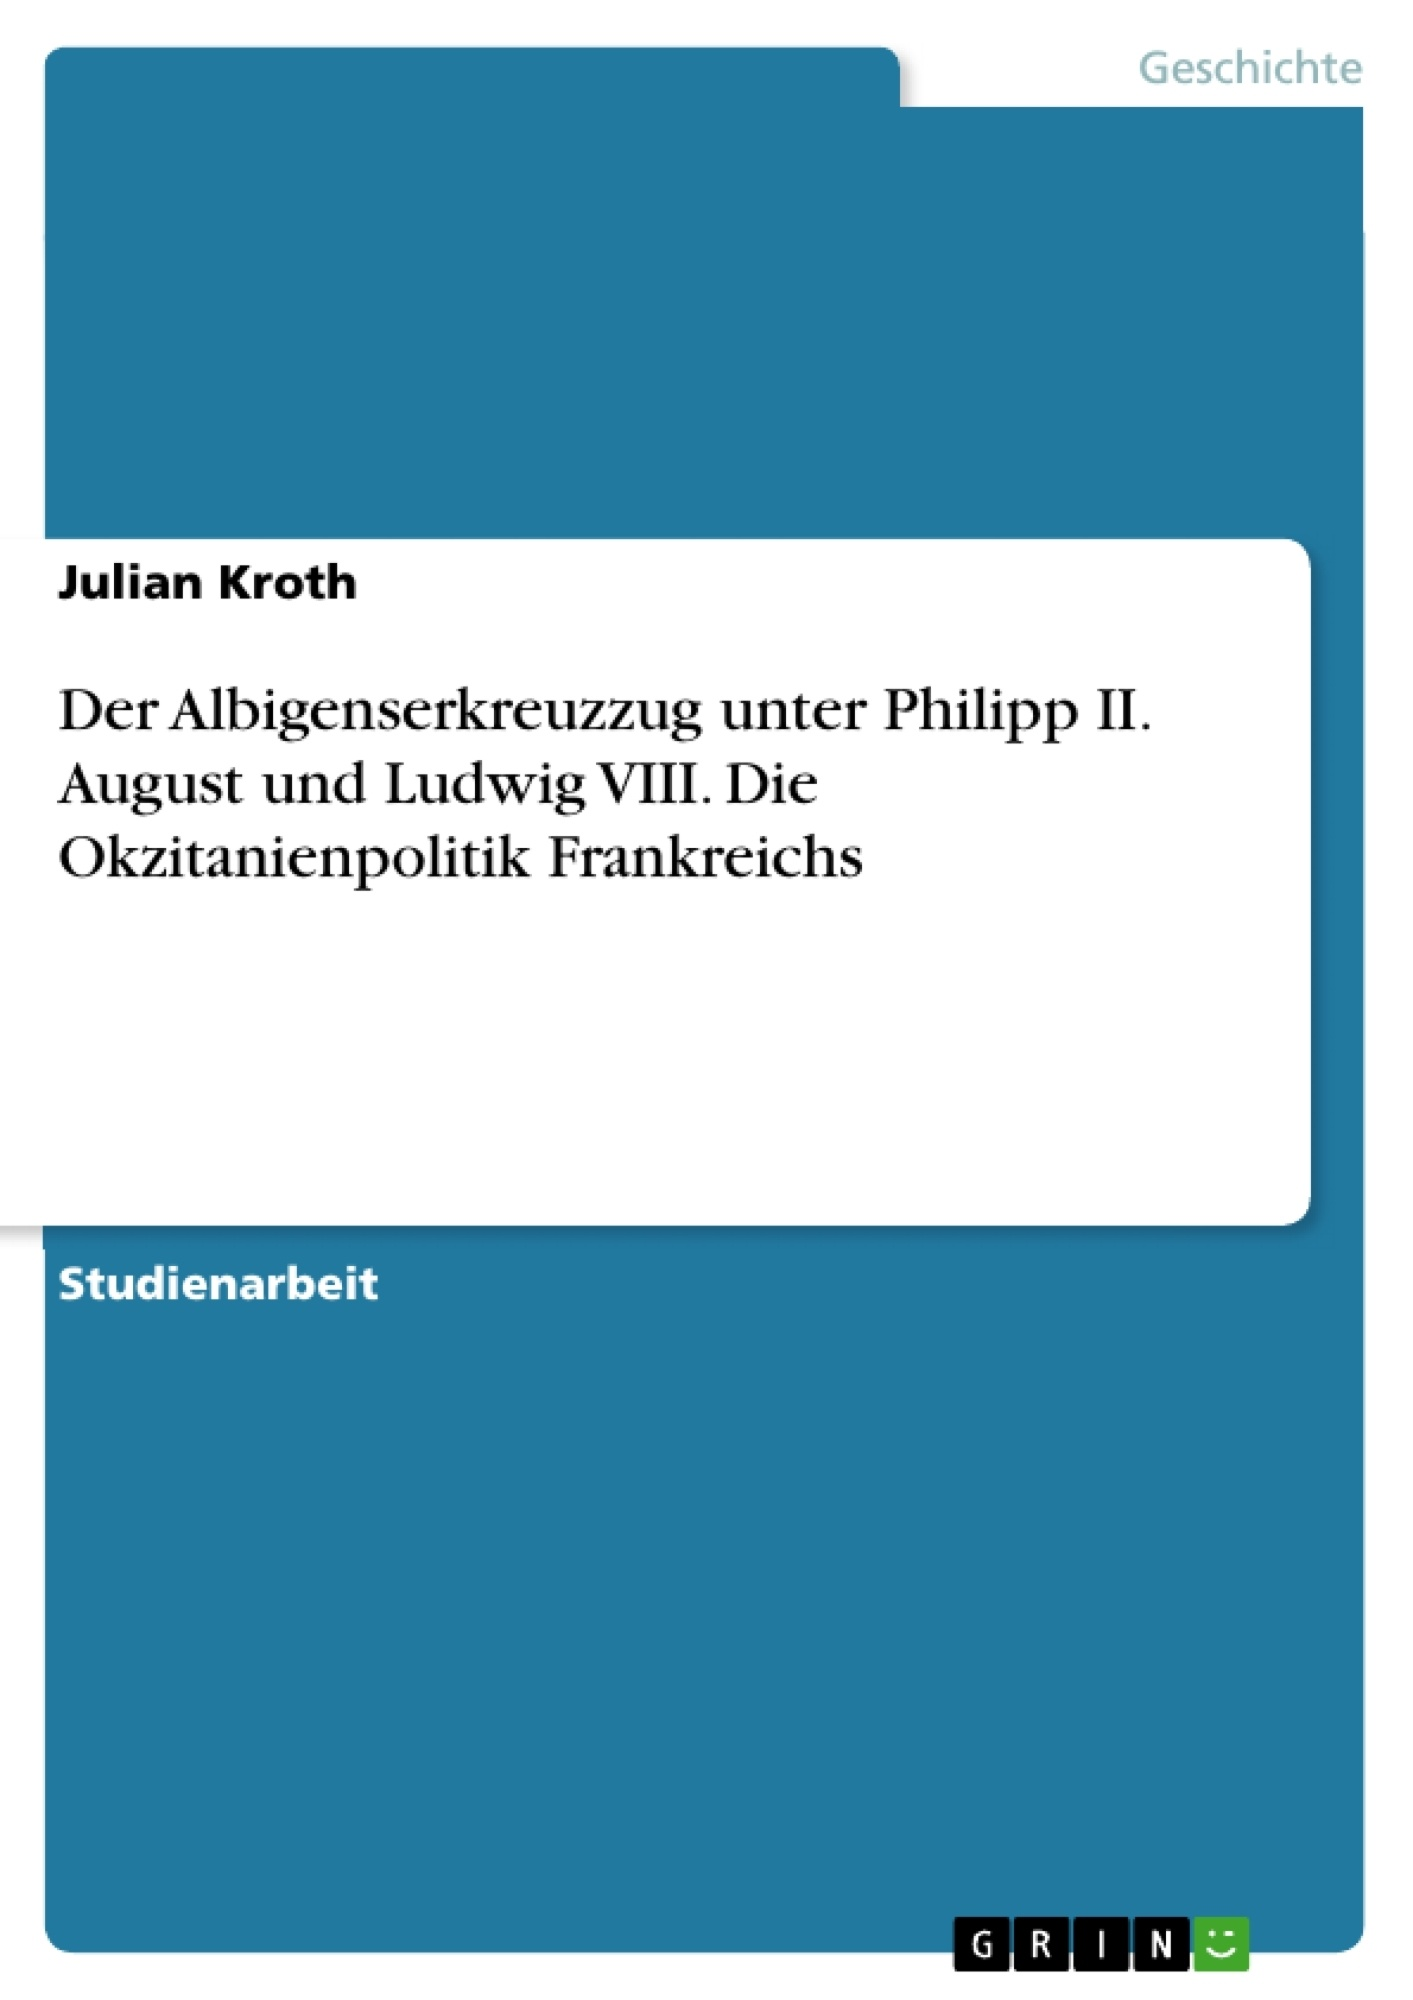 Titel: Der Albigenserkreuzzug unter Philipp II. August und Ludwig VIII. Die Okzitanienpolitik Frankreichs